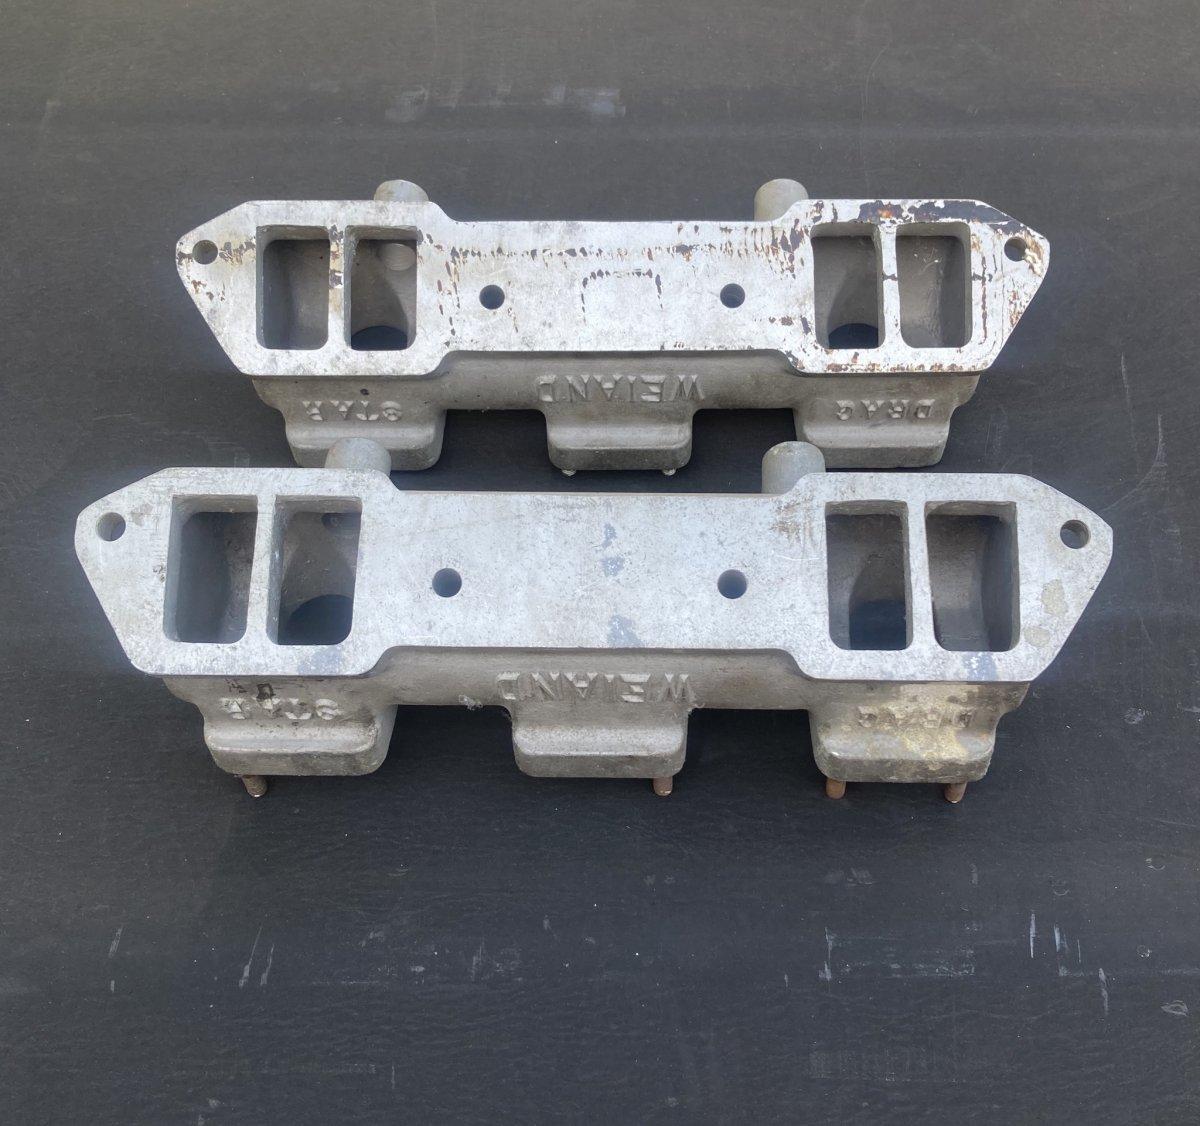 822A5D60-0E3C-434F-B9D3-A9B06A29BF22.jpeg